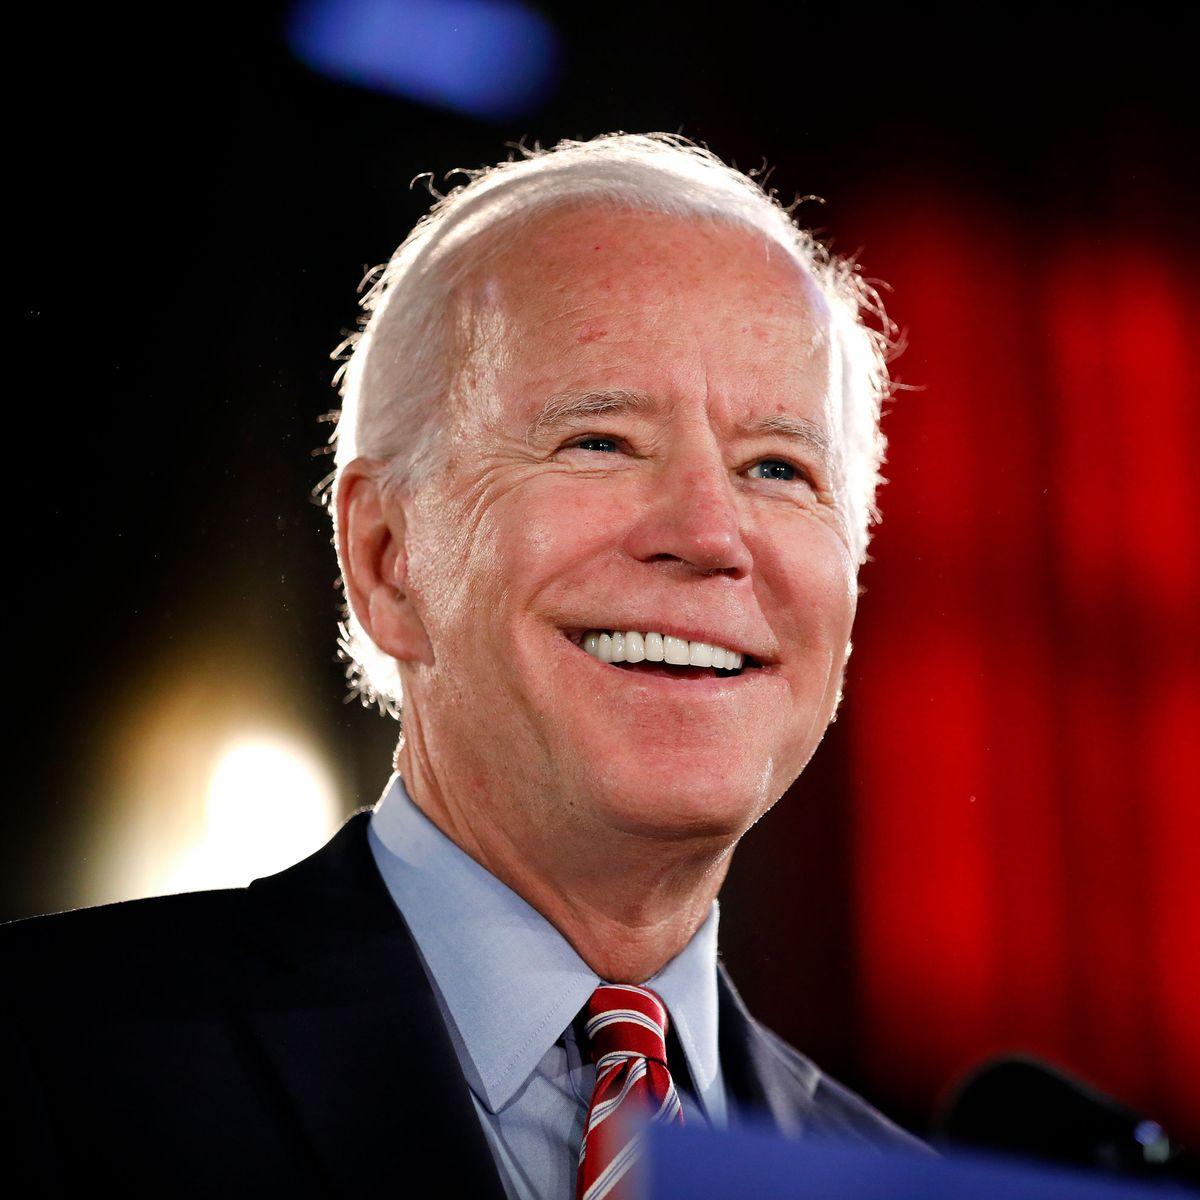 Joe Biden e' il 46esimo presidente degli Stati Uniti d'America